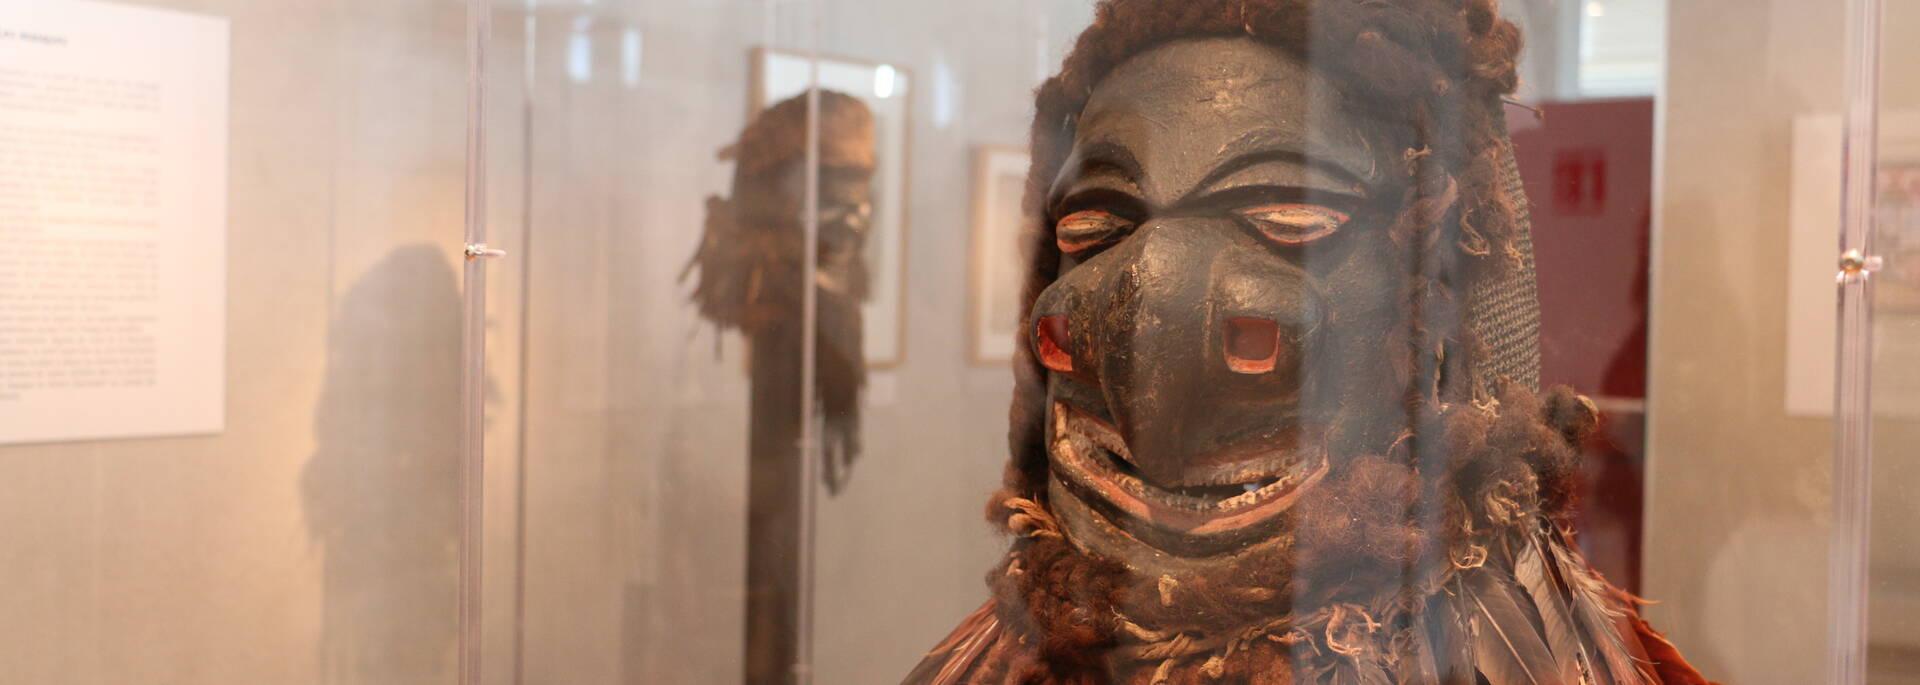 Statues du Pacifique au musée Hèbre St Clément de Rochefort ©OTRO